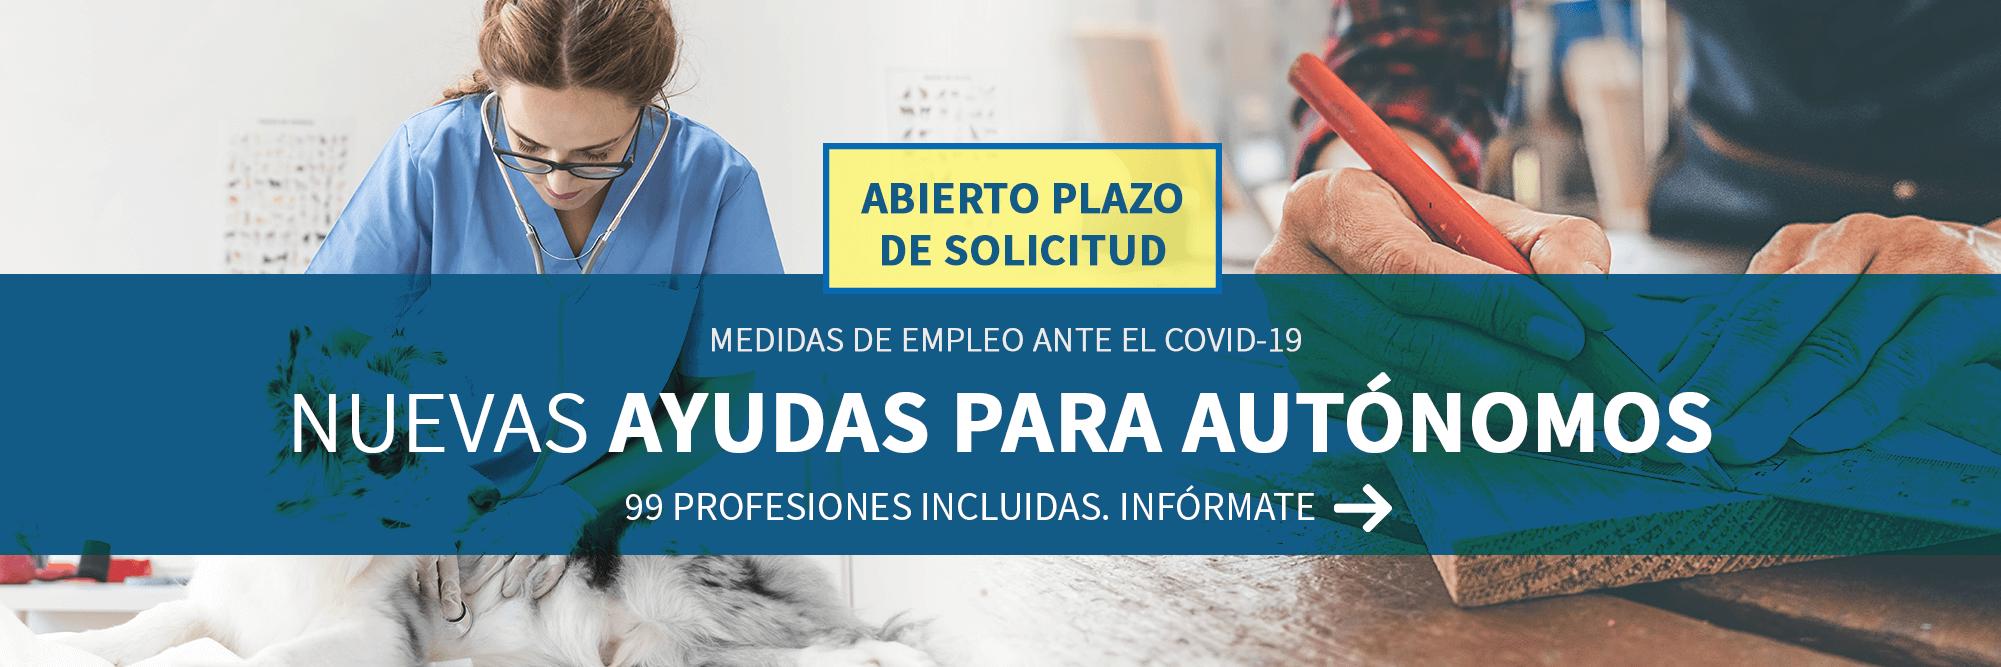 Nuevas ayudas para autónomos - Medidas de empleo ante el COVID 19